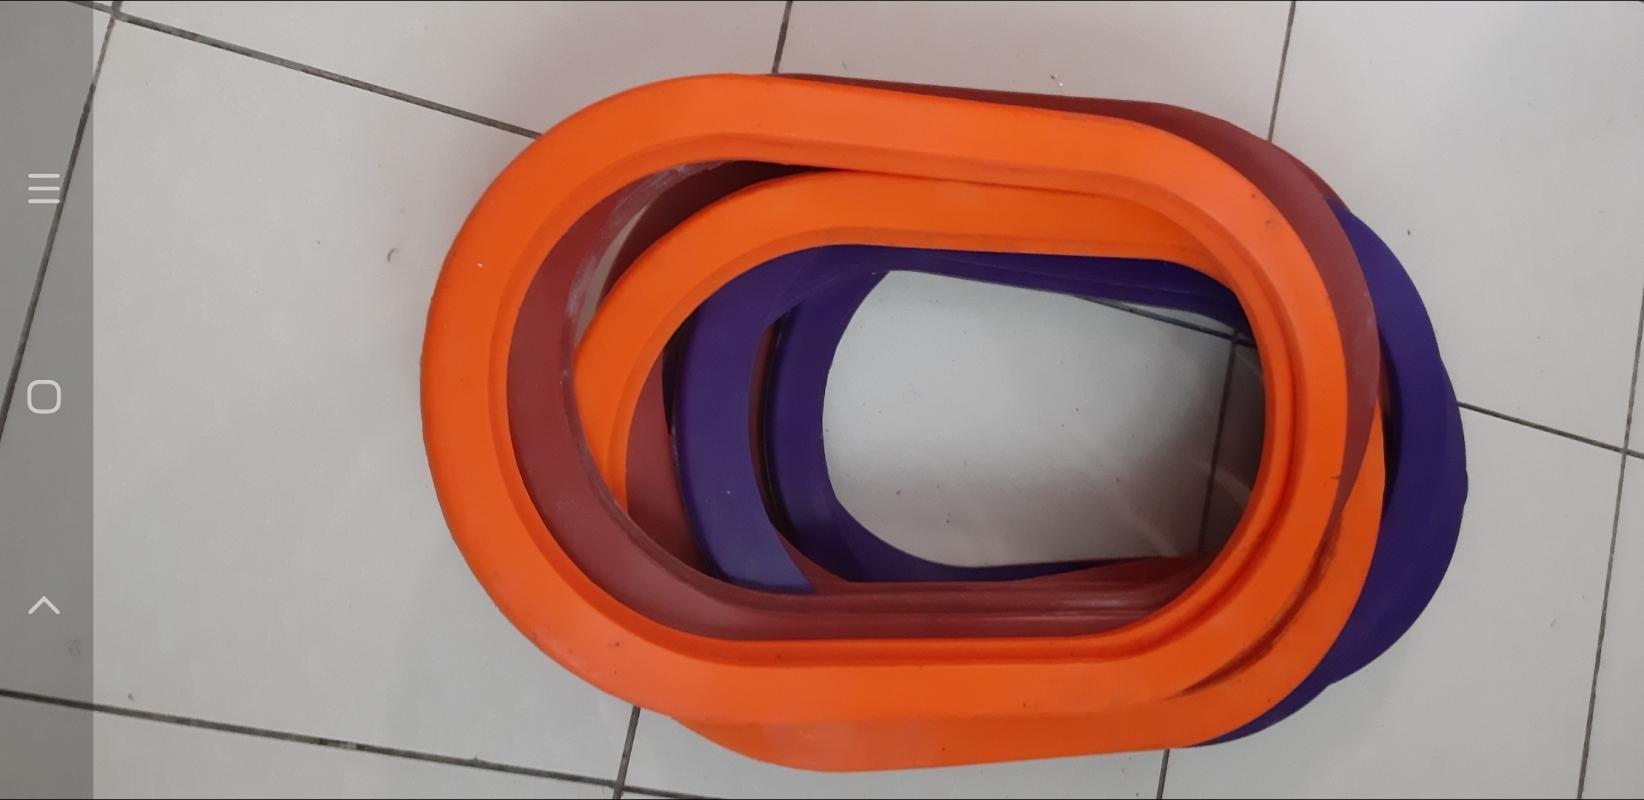 Изготовление изделий из резины,силикона и полиуритана по образцу,чертежами тех.з